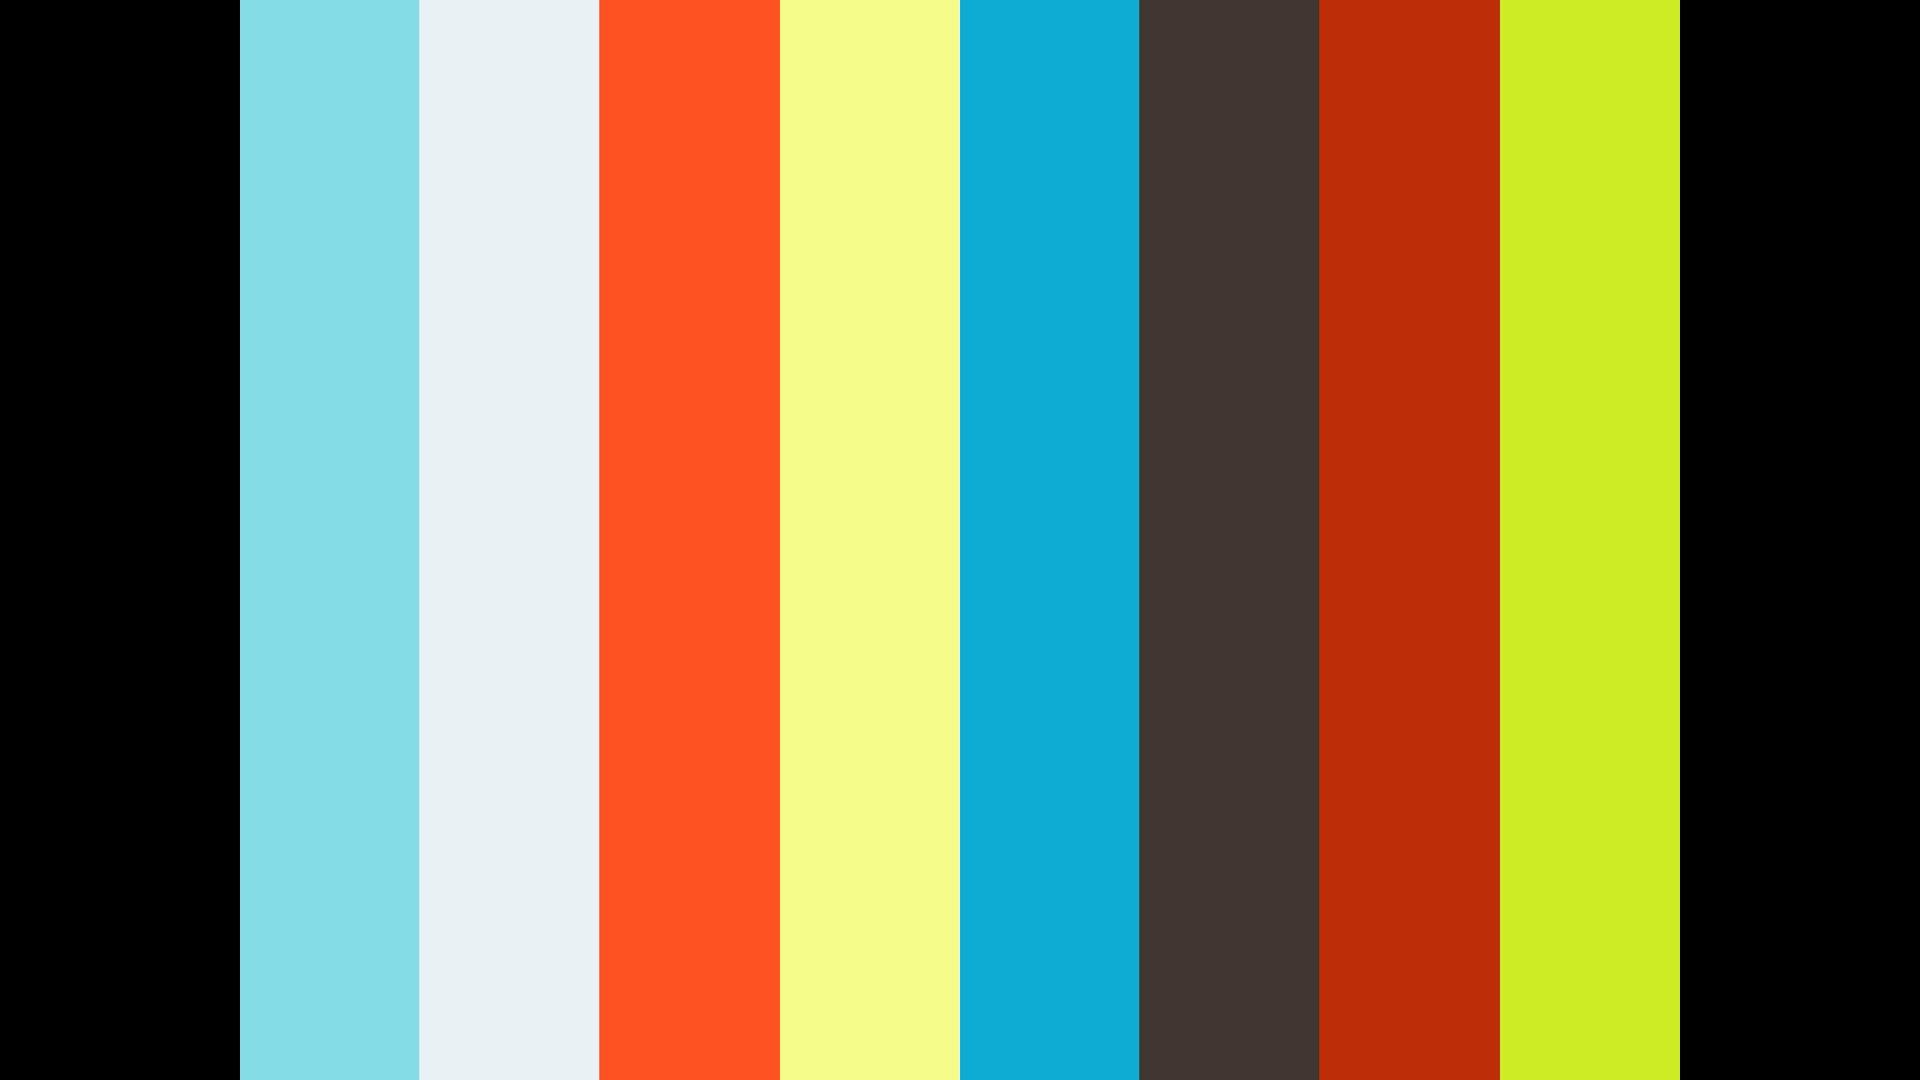 Guy Podjarny, Snyk | KubeCon + CloudNativeCon San Diego 2019